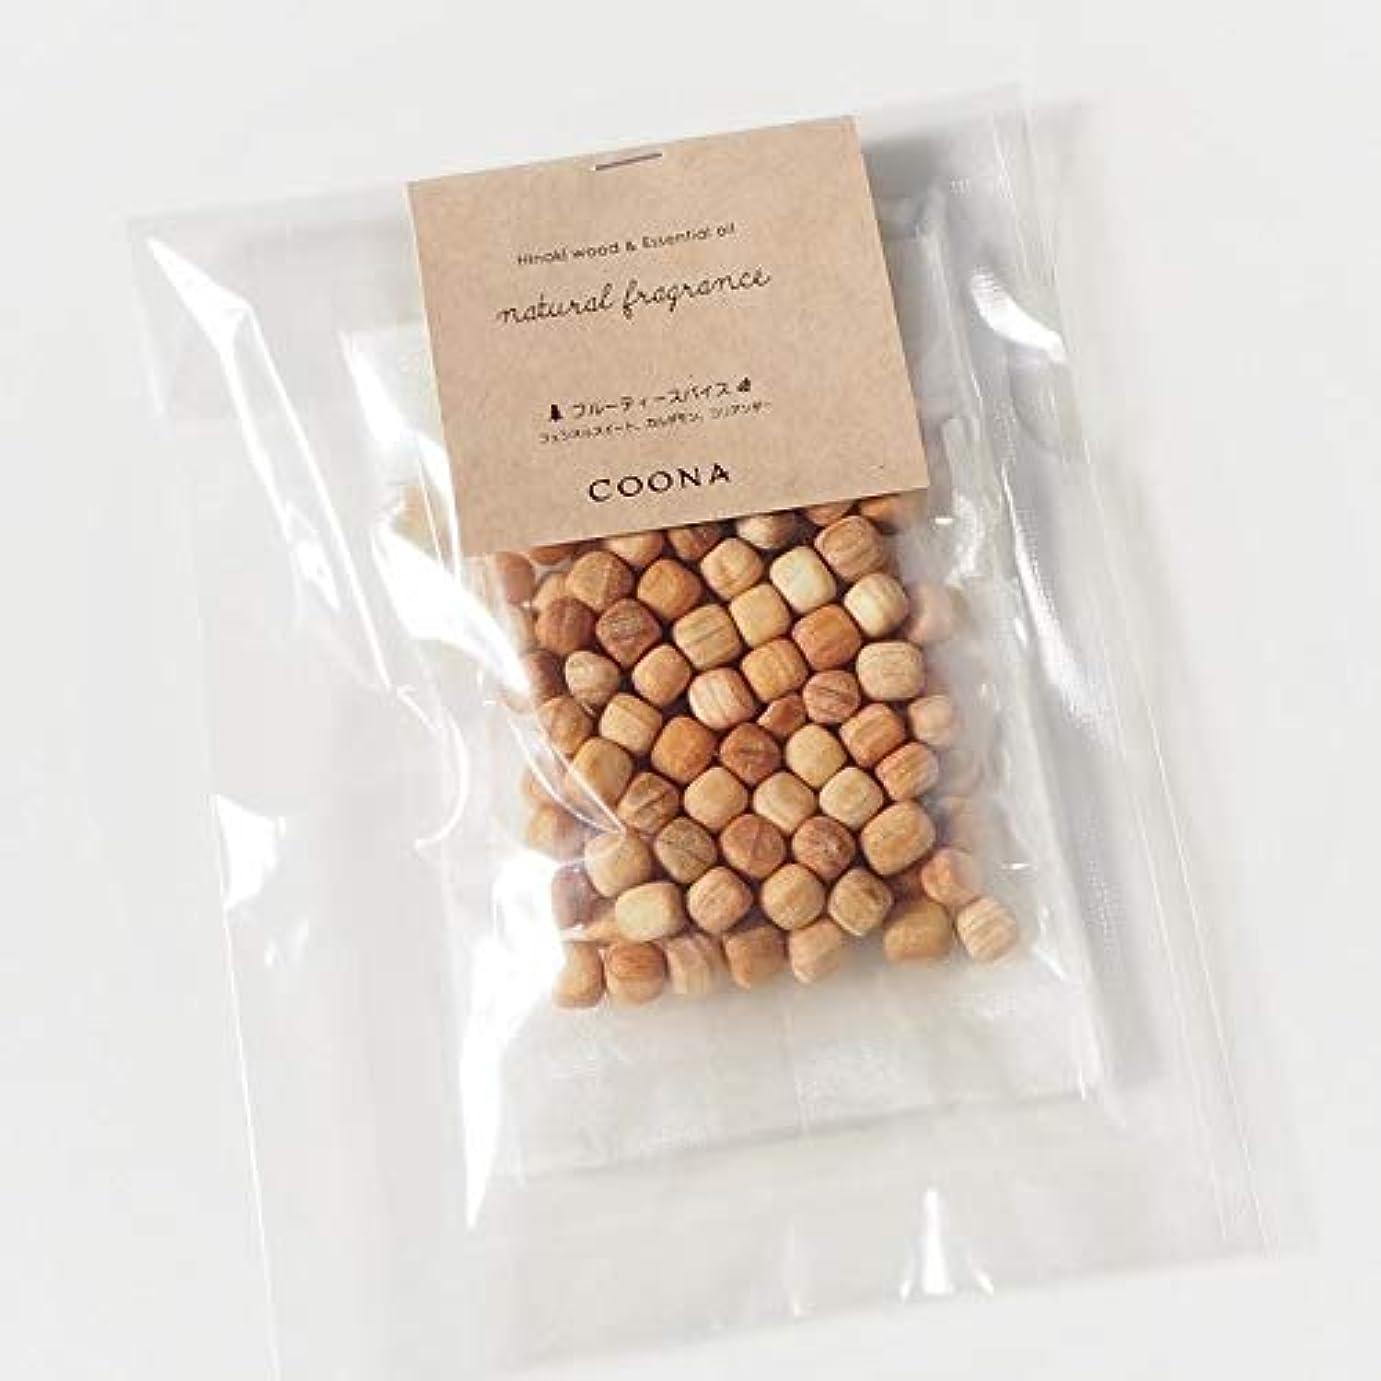 描くやりがいのあるドナウ川ヒノキ ウッド& エッセンシャルオイル ナチュラルフレグランス (オーガンジーバッグ付き, 樹の香り)